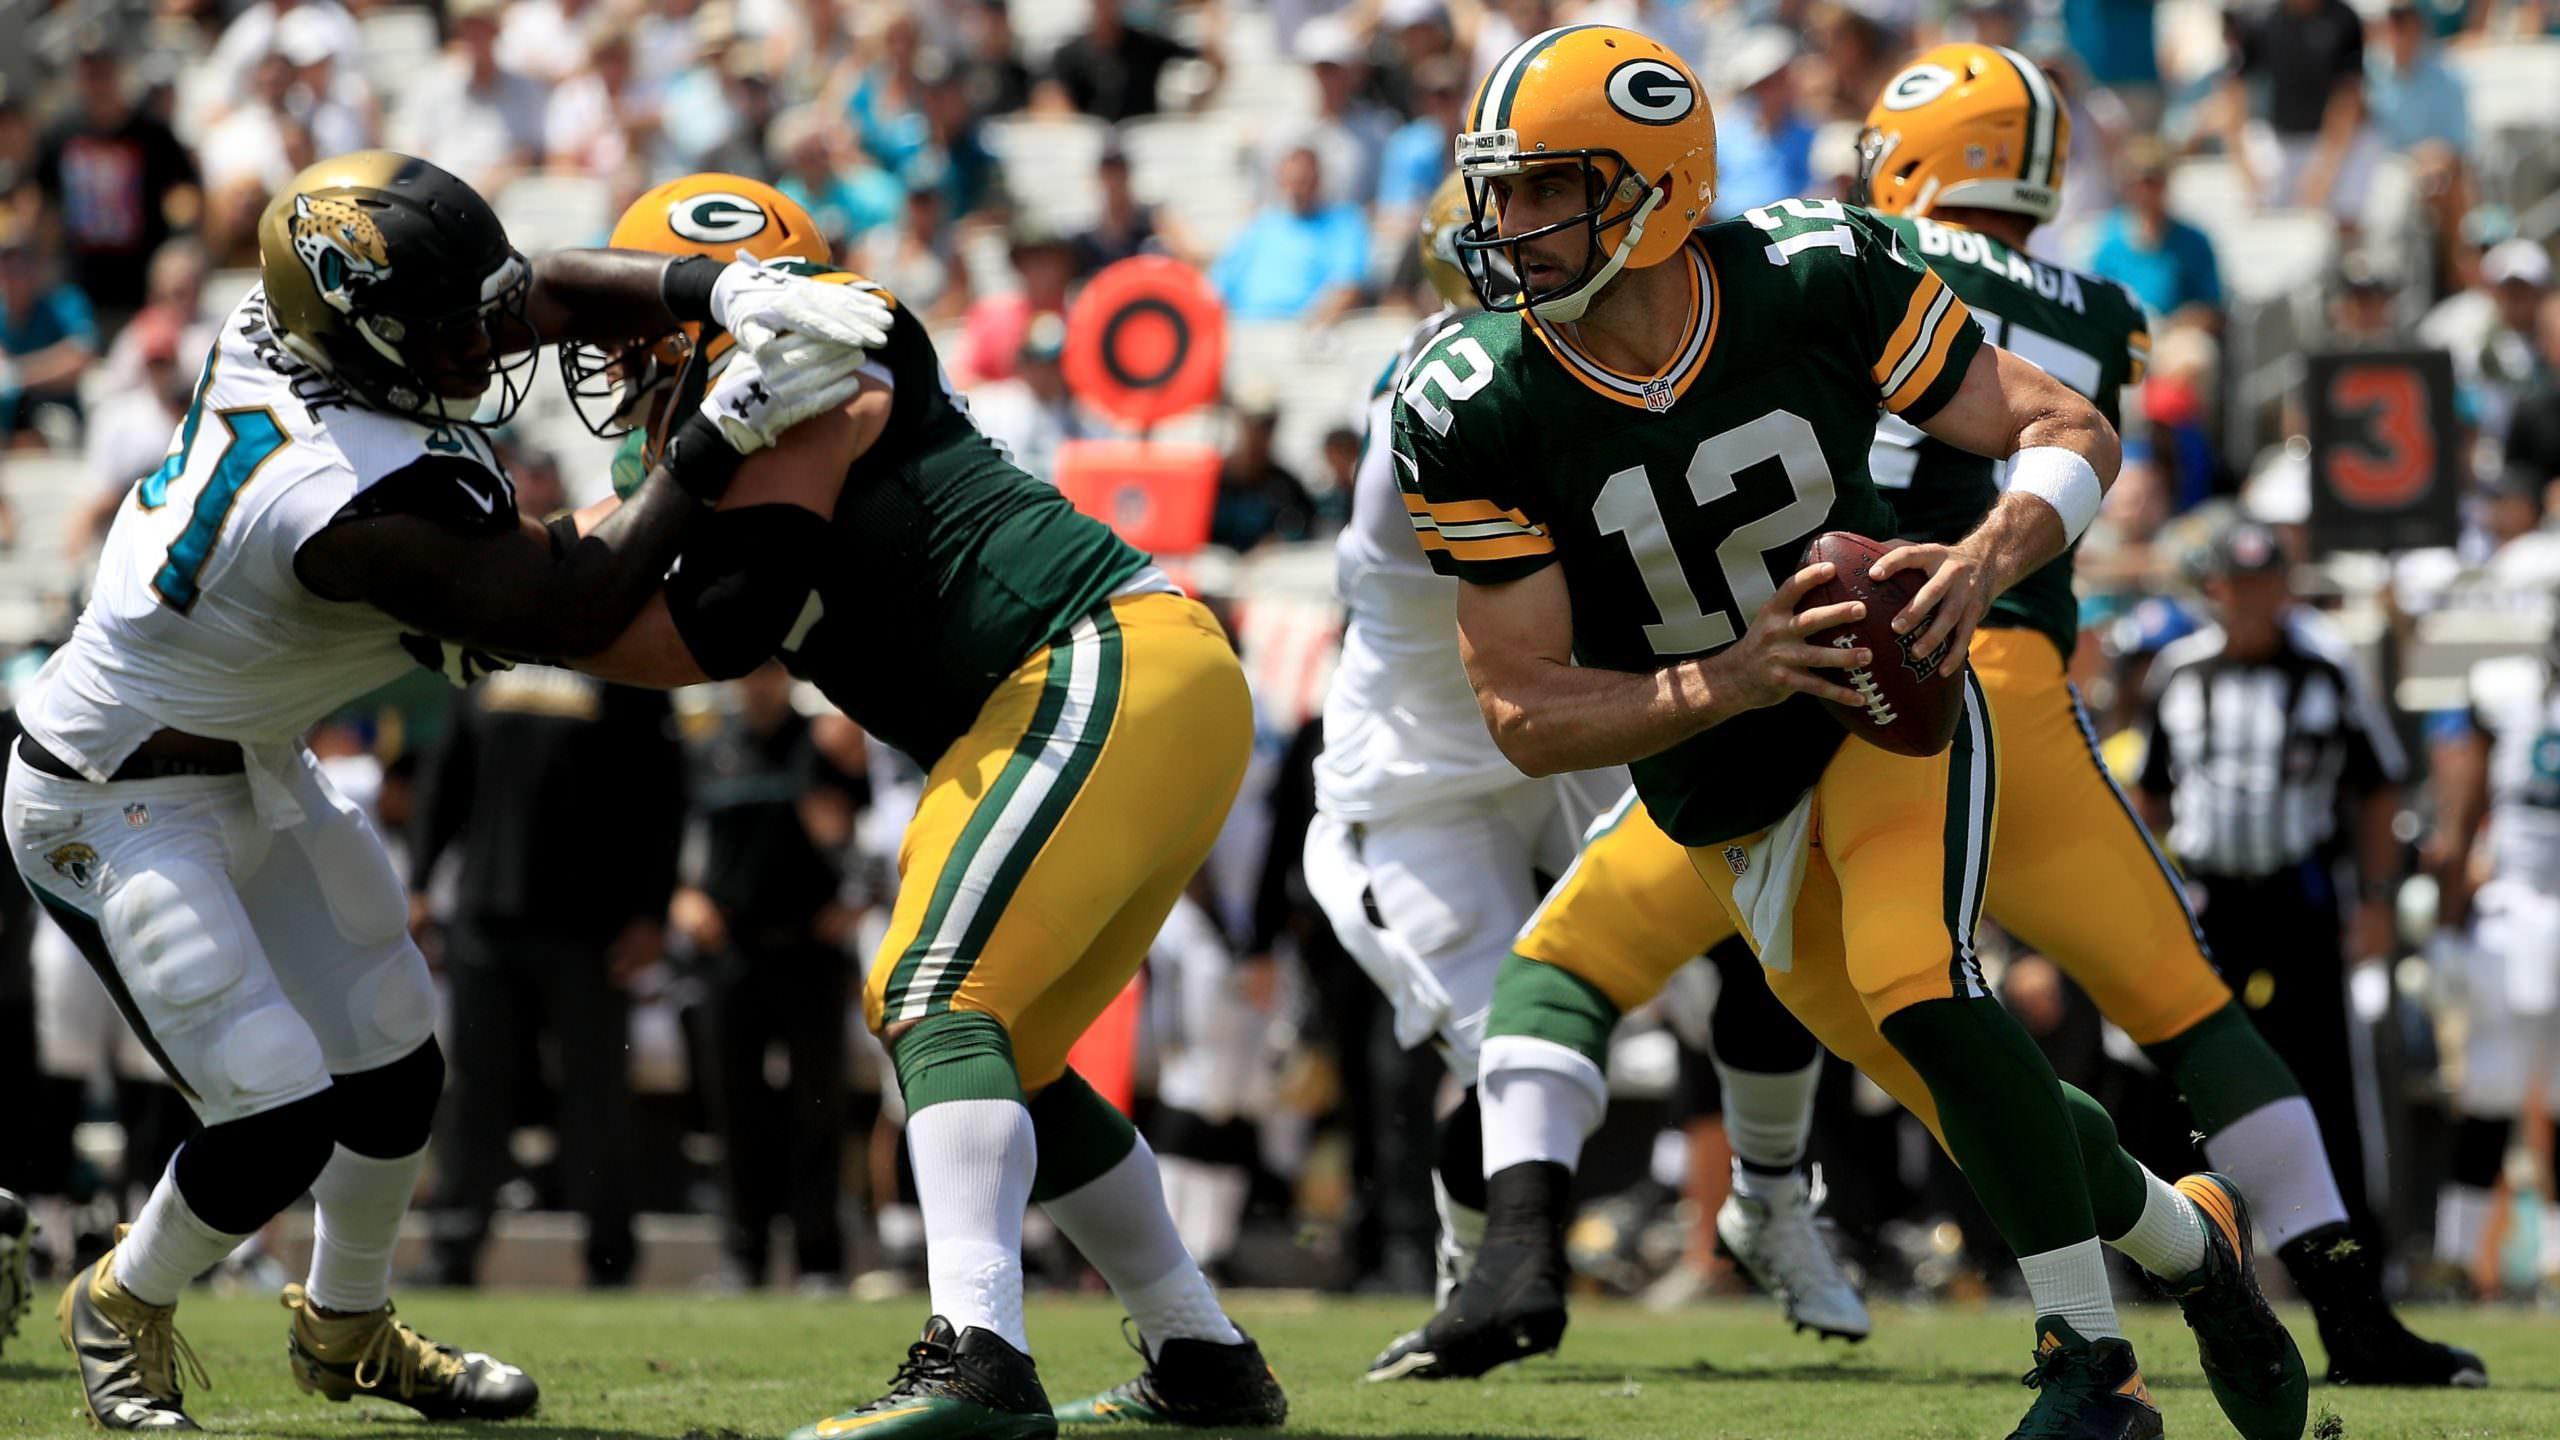 Jaguars vs Packers ao vivo: como assistir jogos online da semana 10 da NFL de qualquer lugar